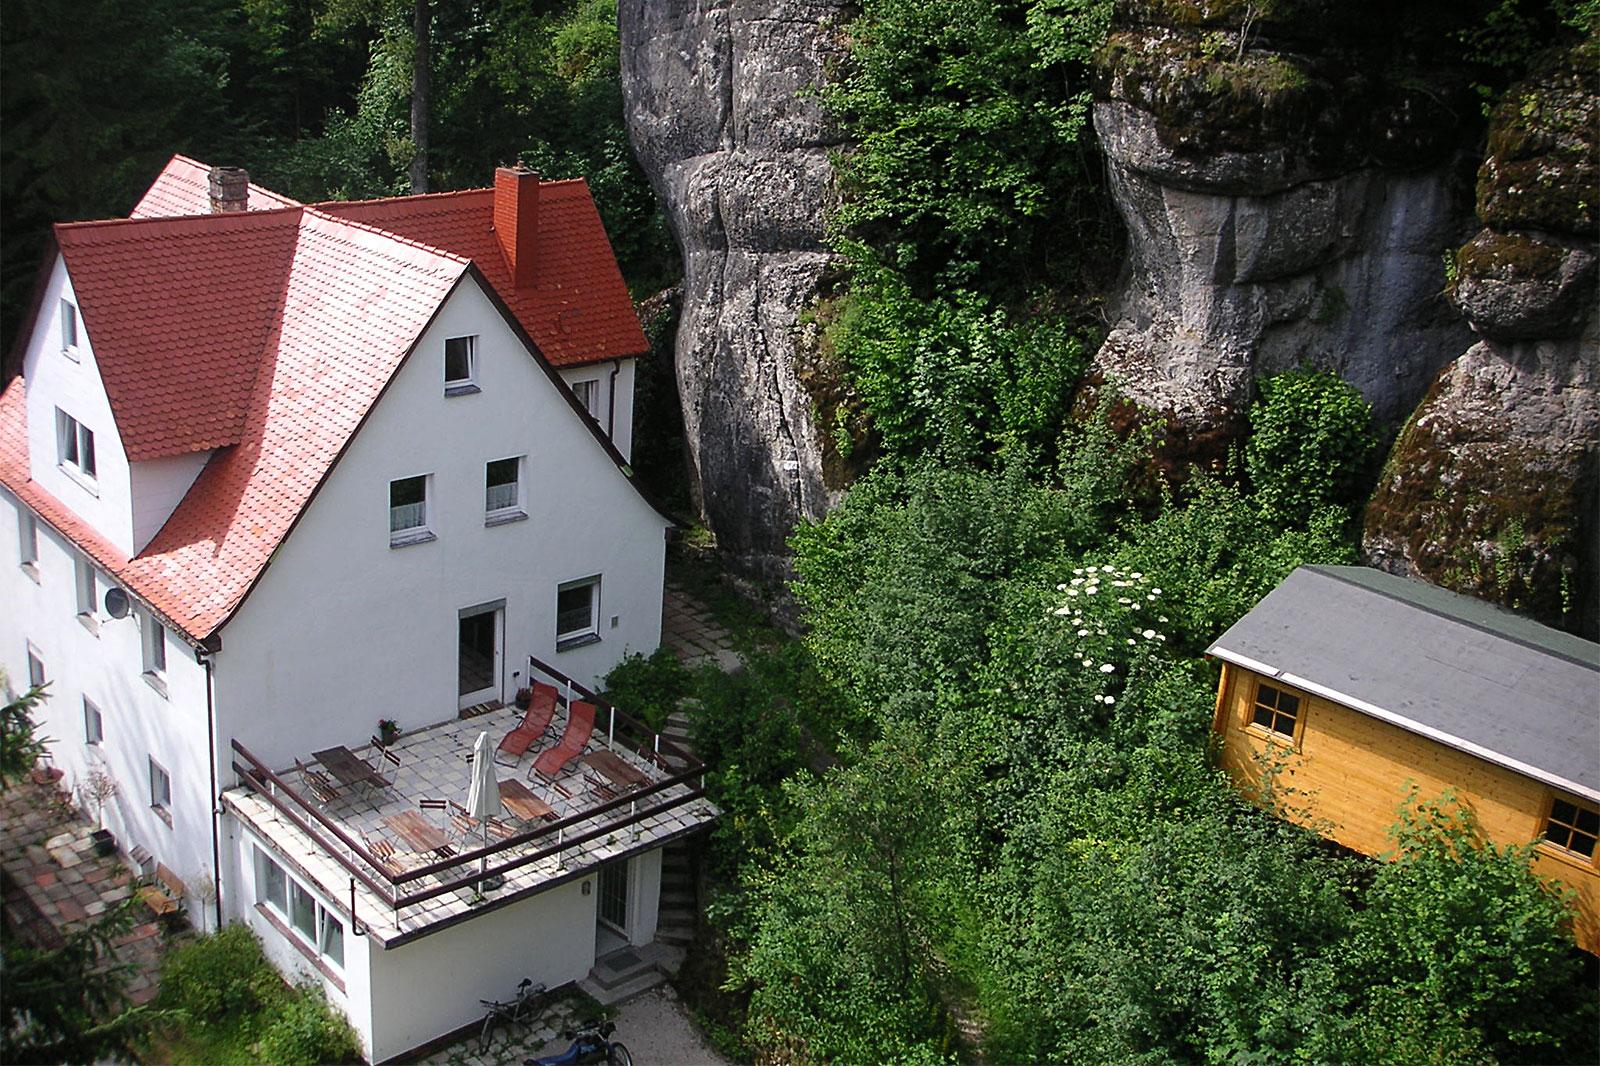 Haus in Tüchersfeld in der fränkischen Schweiz